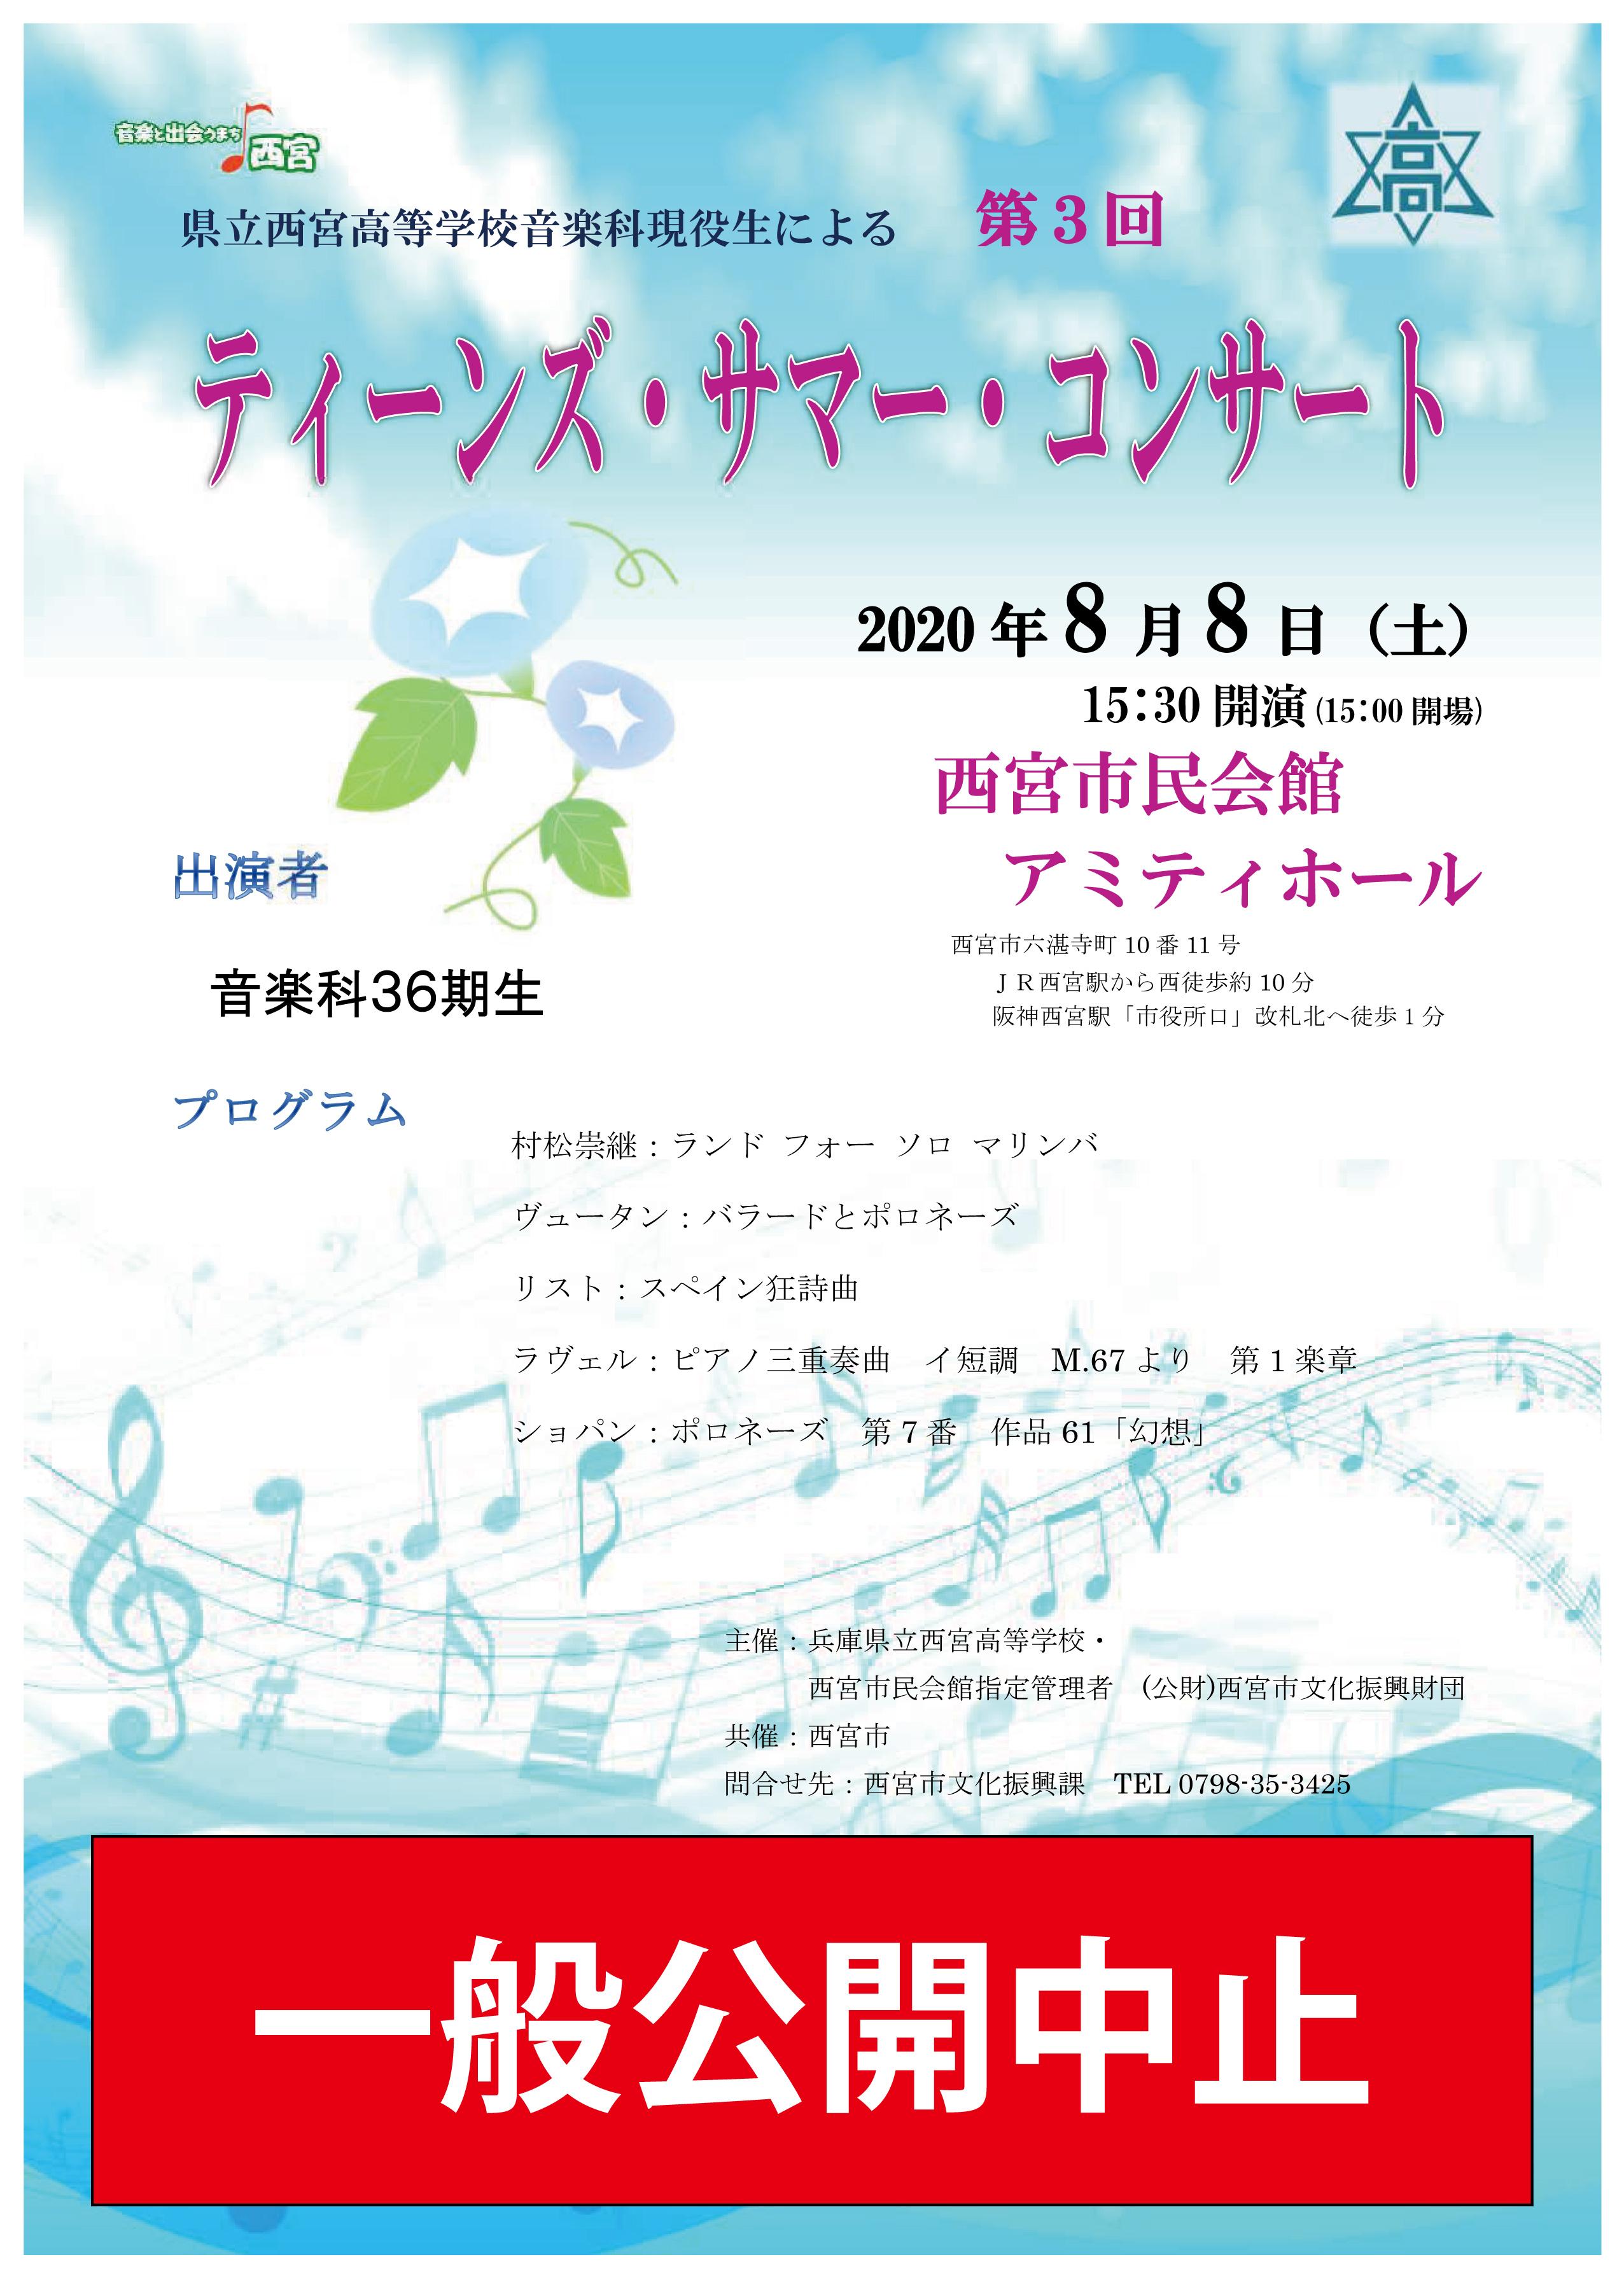 県立西宮高等学校音楽科現役生によるティーンズ・サマー・コンサート ※一般公開中止